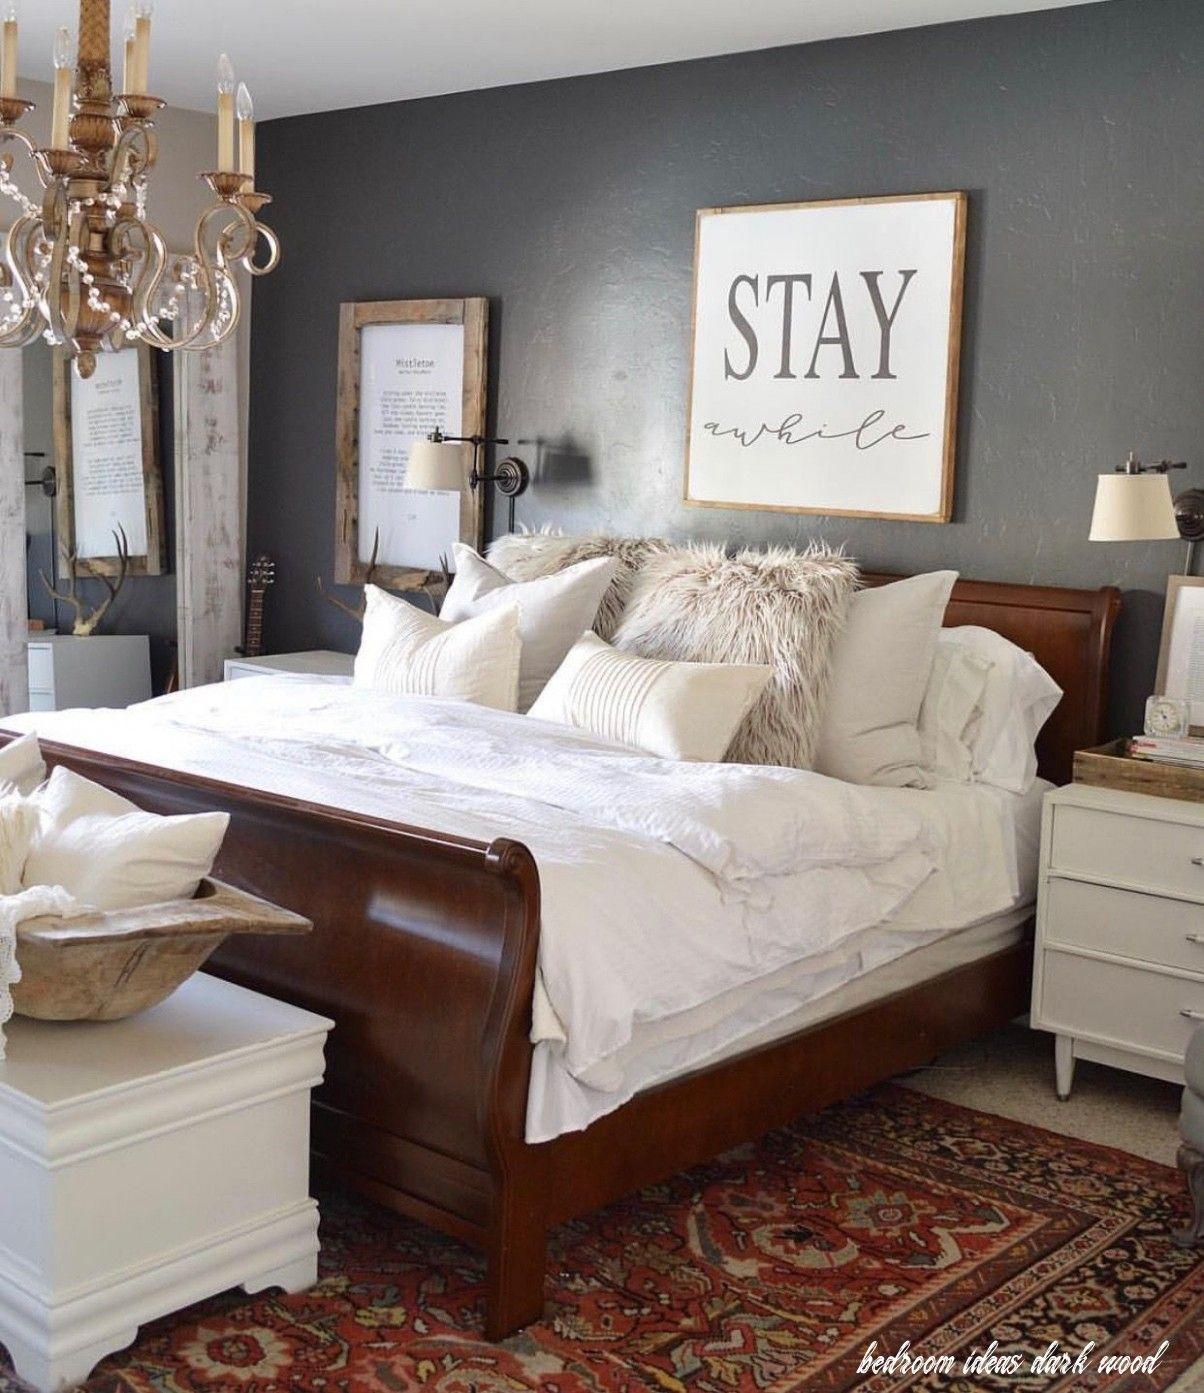 6 Bedroom Ideas Dark Wood In 2020 Brown Furniture Bedroom Master Bedroom Furniture Sleigh Bed Master Bedroom